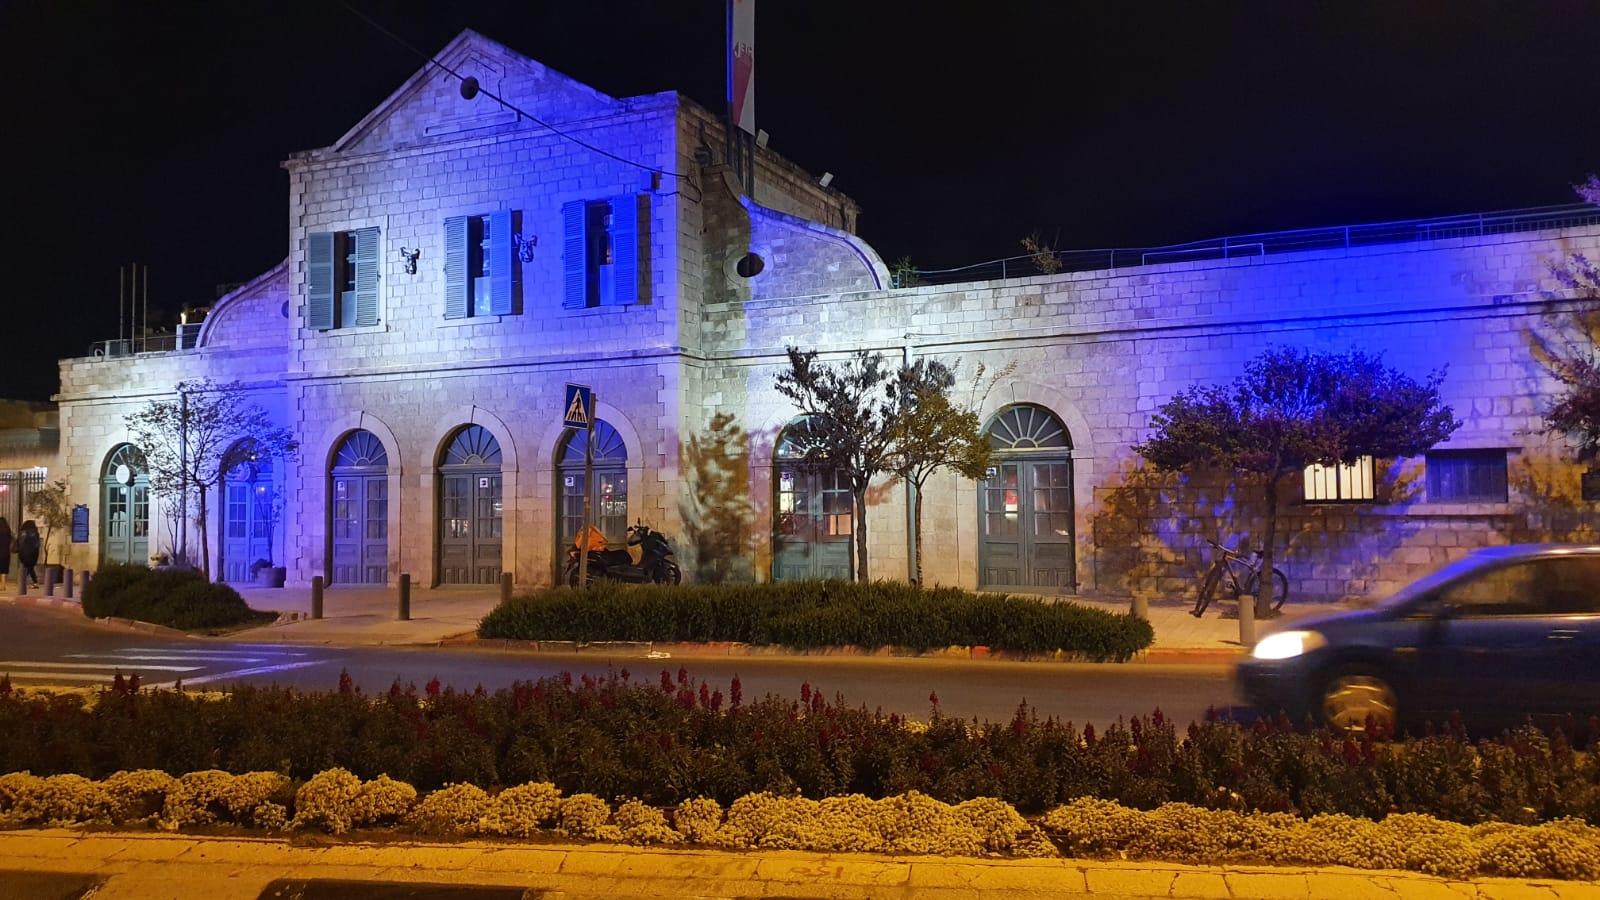 חזית מתחם התחנה מוארת בדגל ישראל ובצבעי כחול לבן (צילום: מחלקת המאור בעיריית ירושלים)